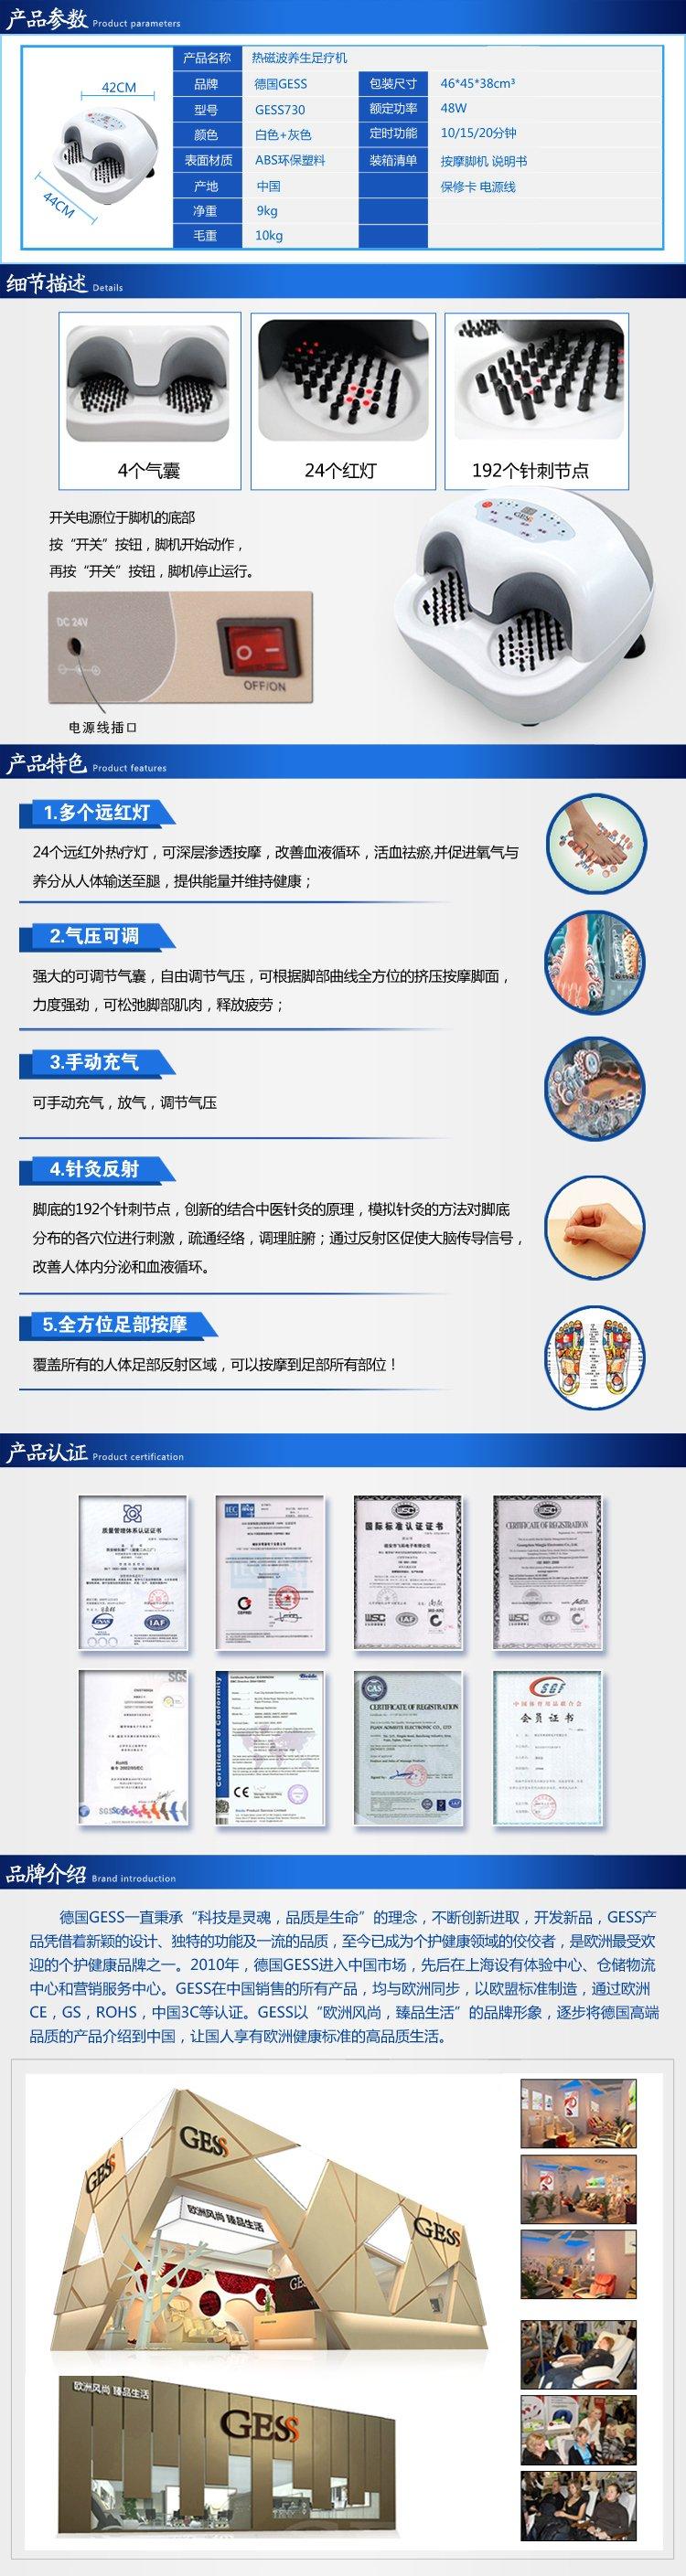 养生针灸足疗机